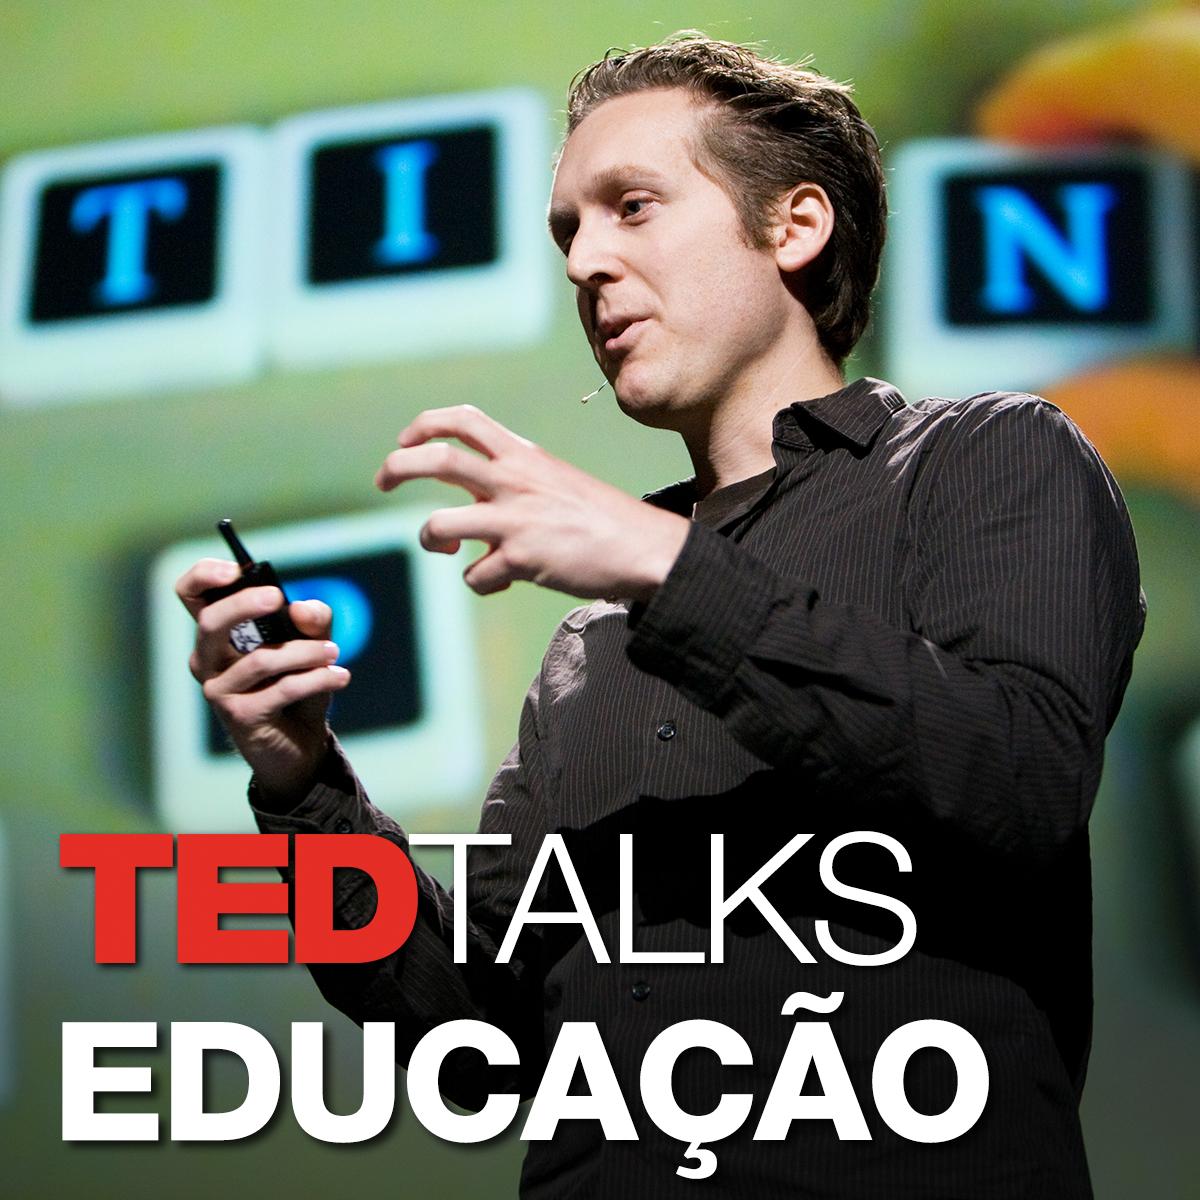 TEDTalks Educação